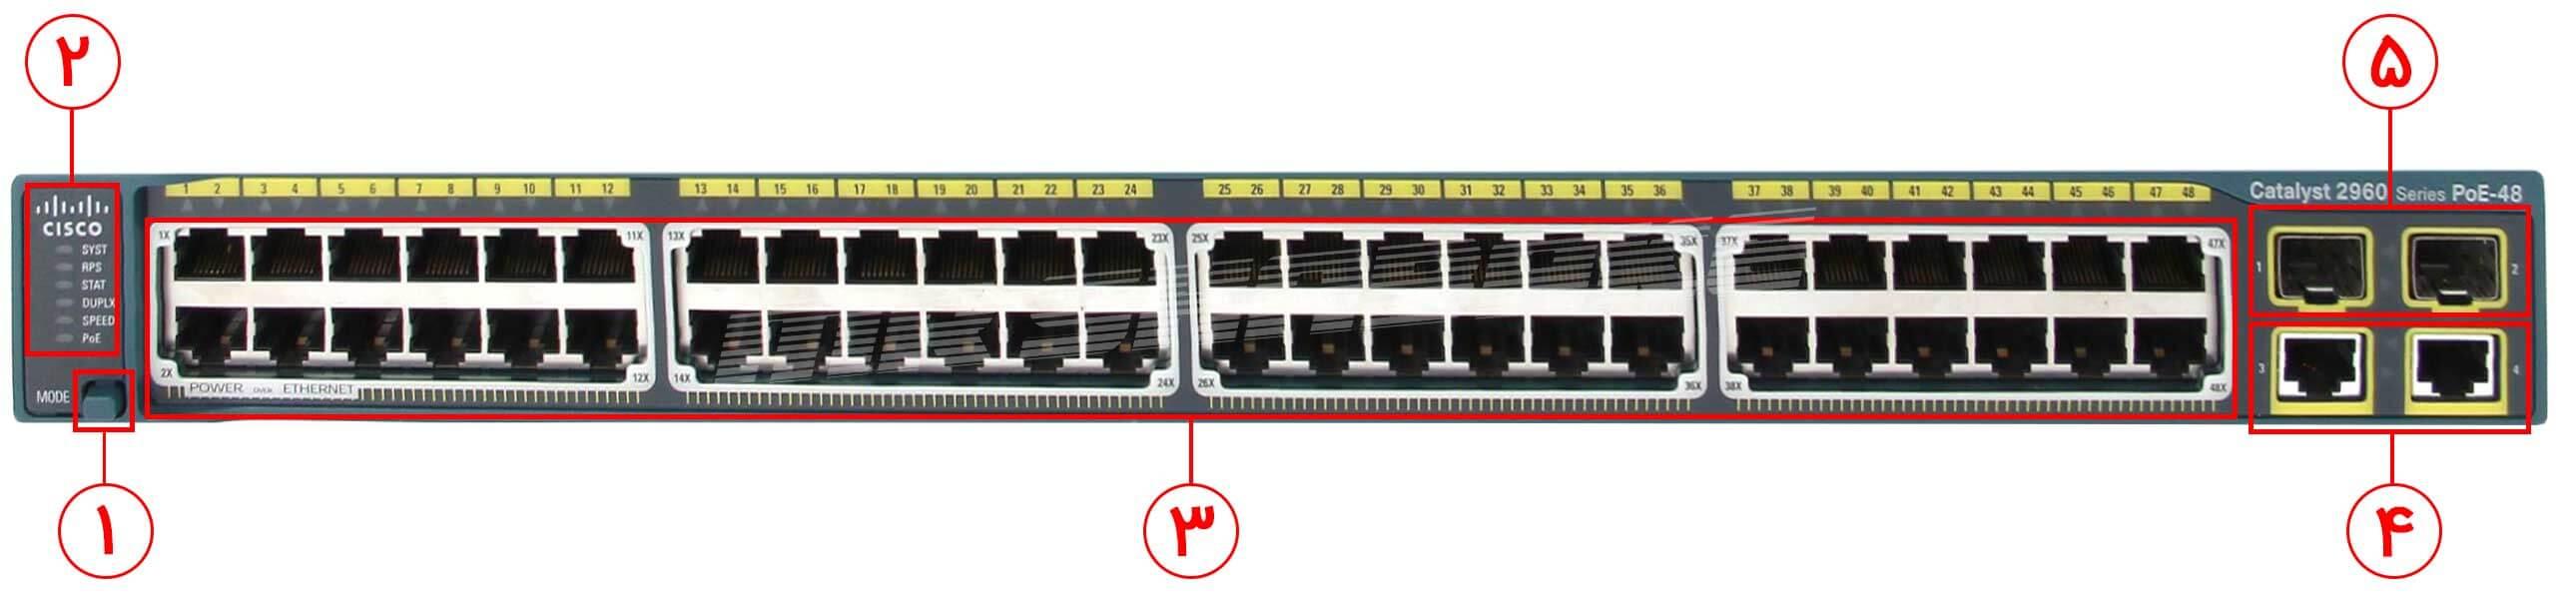 سوئیچ سیسکو مدل WS-C2960-48PST-L